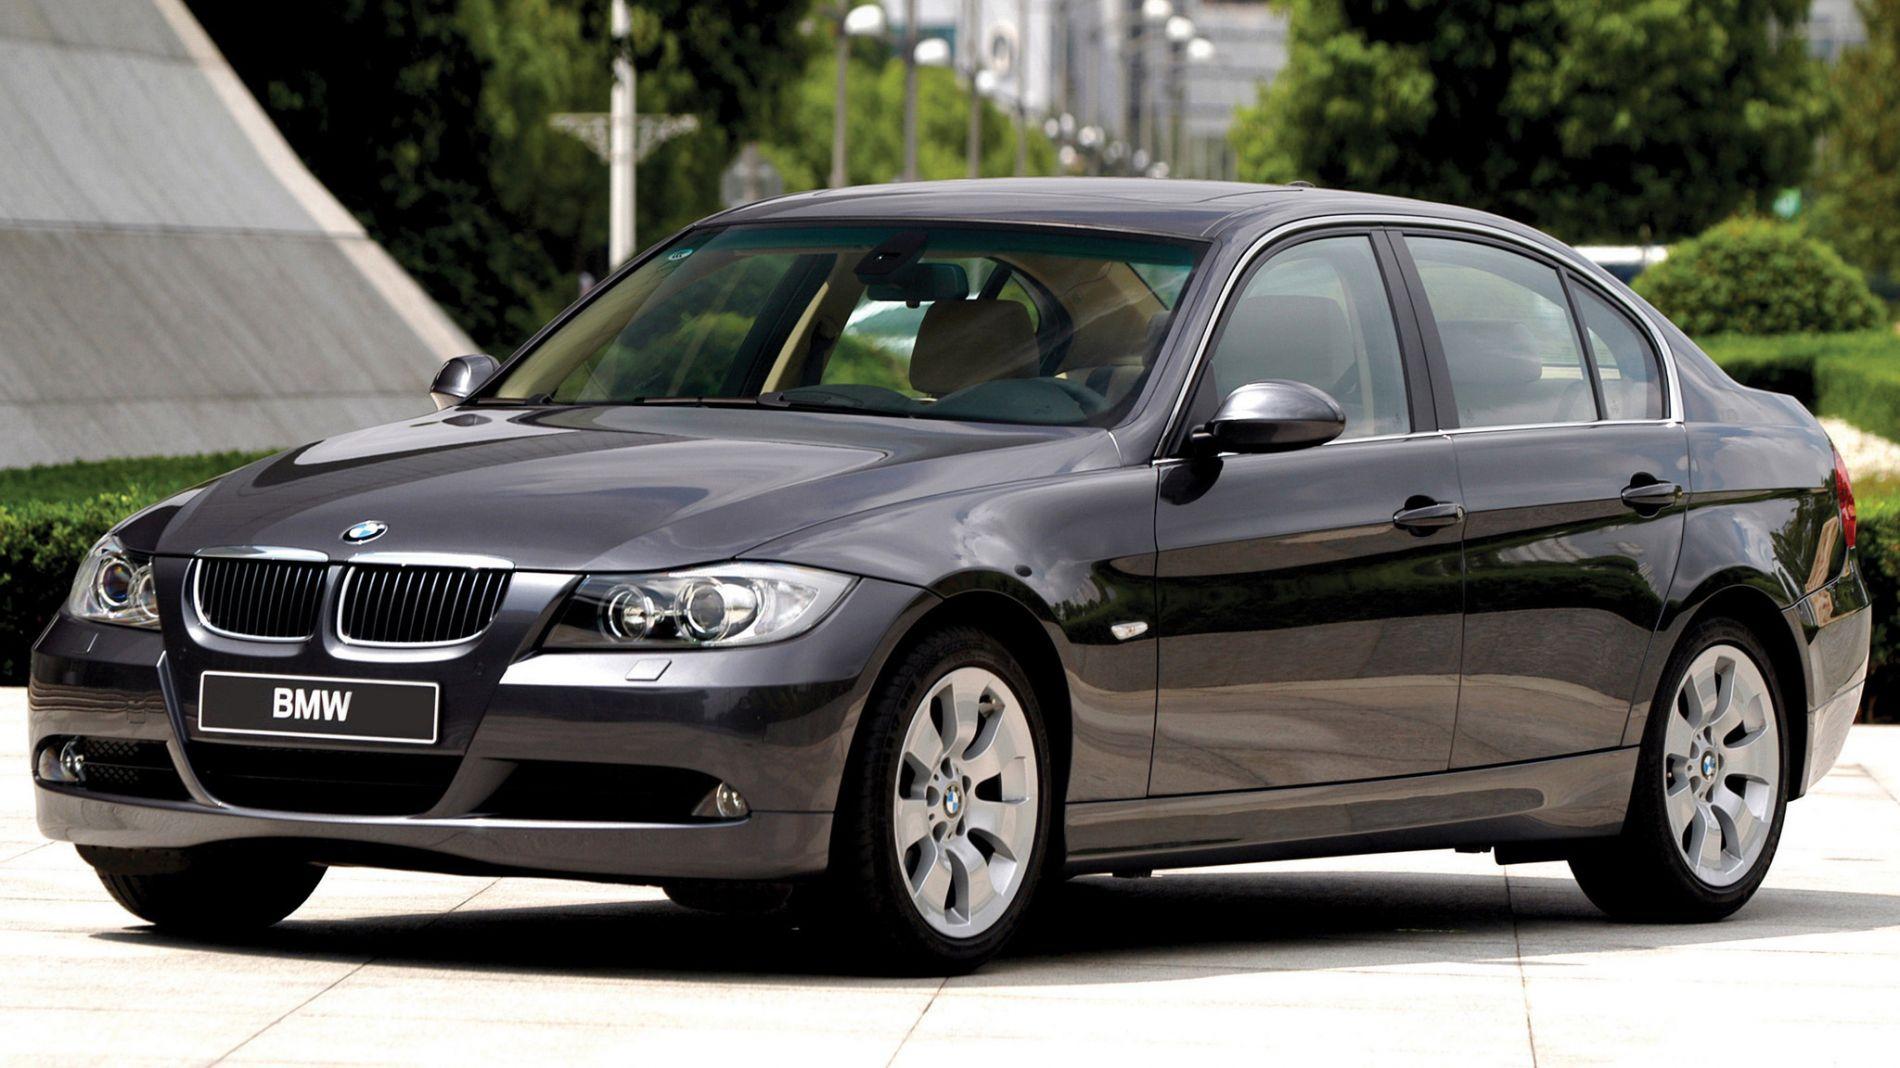 BMW 3 Series E90-ის ექვსი გავრცელებული პრობლემა